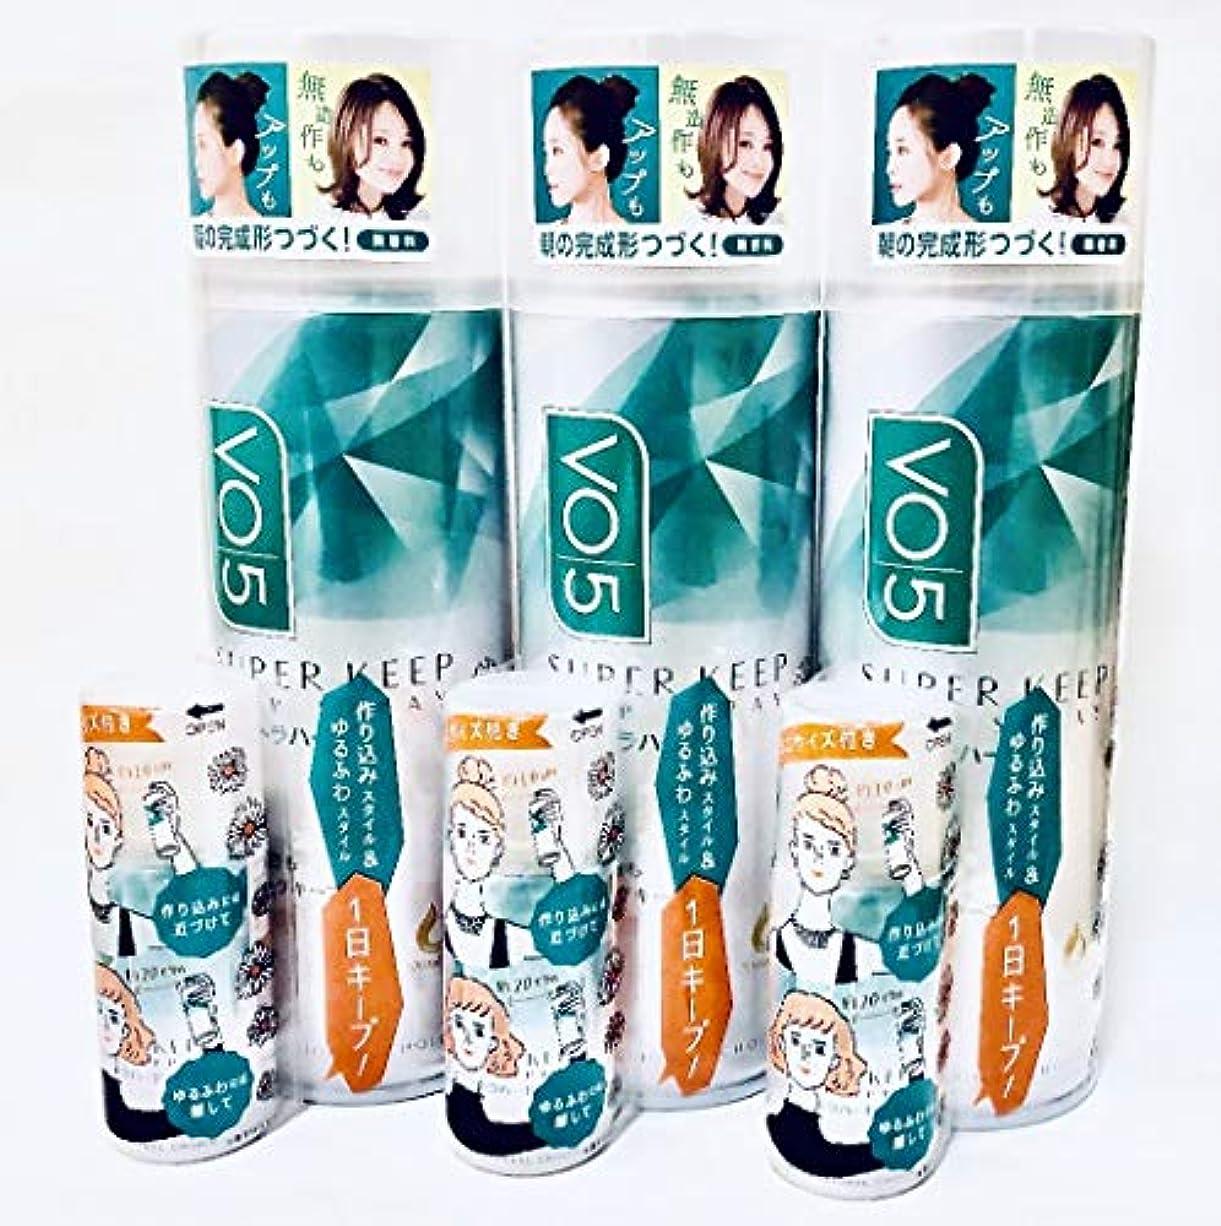 不平を言う文芸仕方VO5スーパーキープヘアスプレイ エクストラハード無香料330g+エクストラハード無香料20g × 3本セット